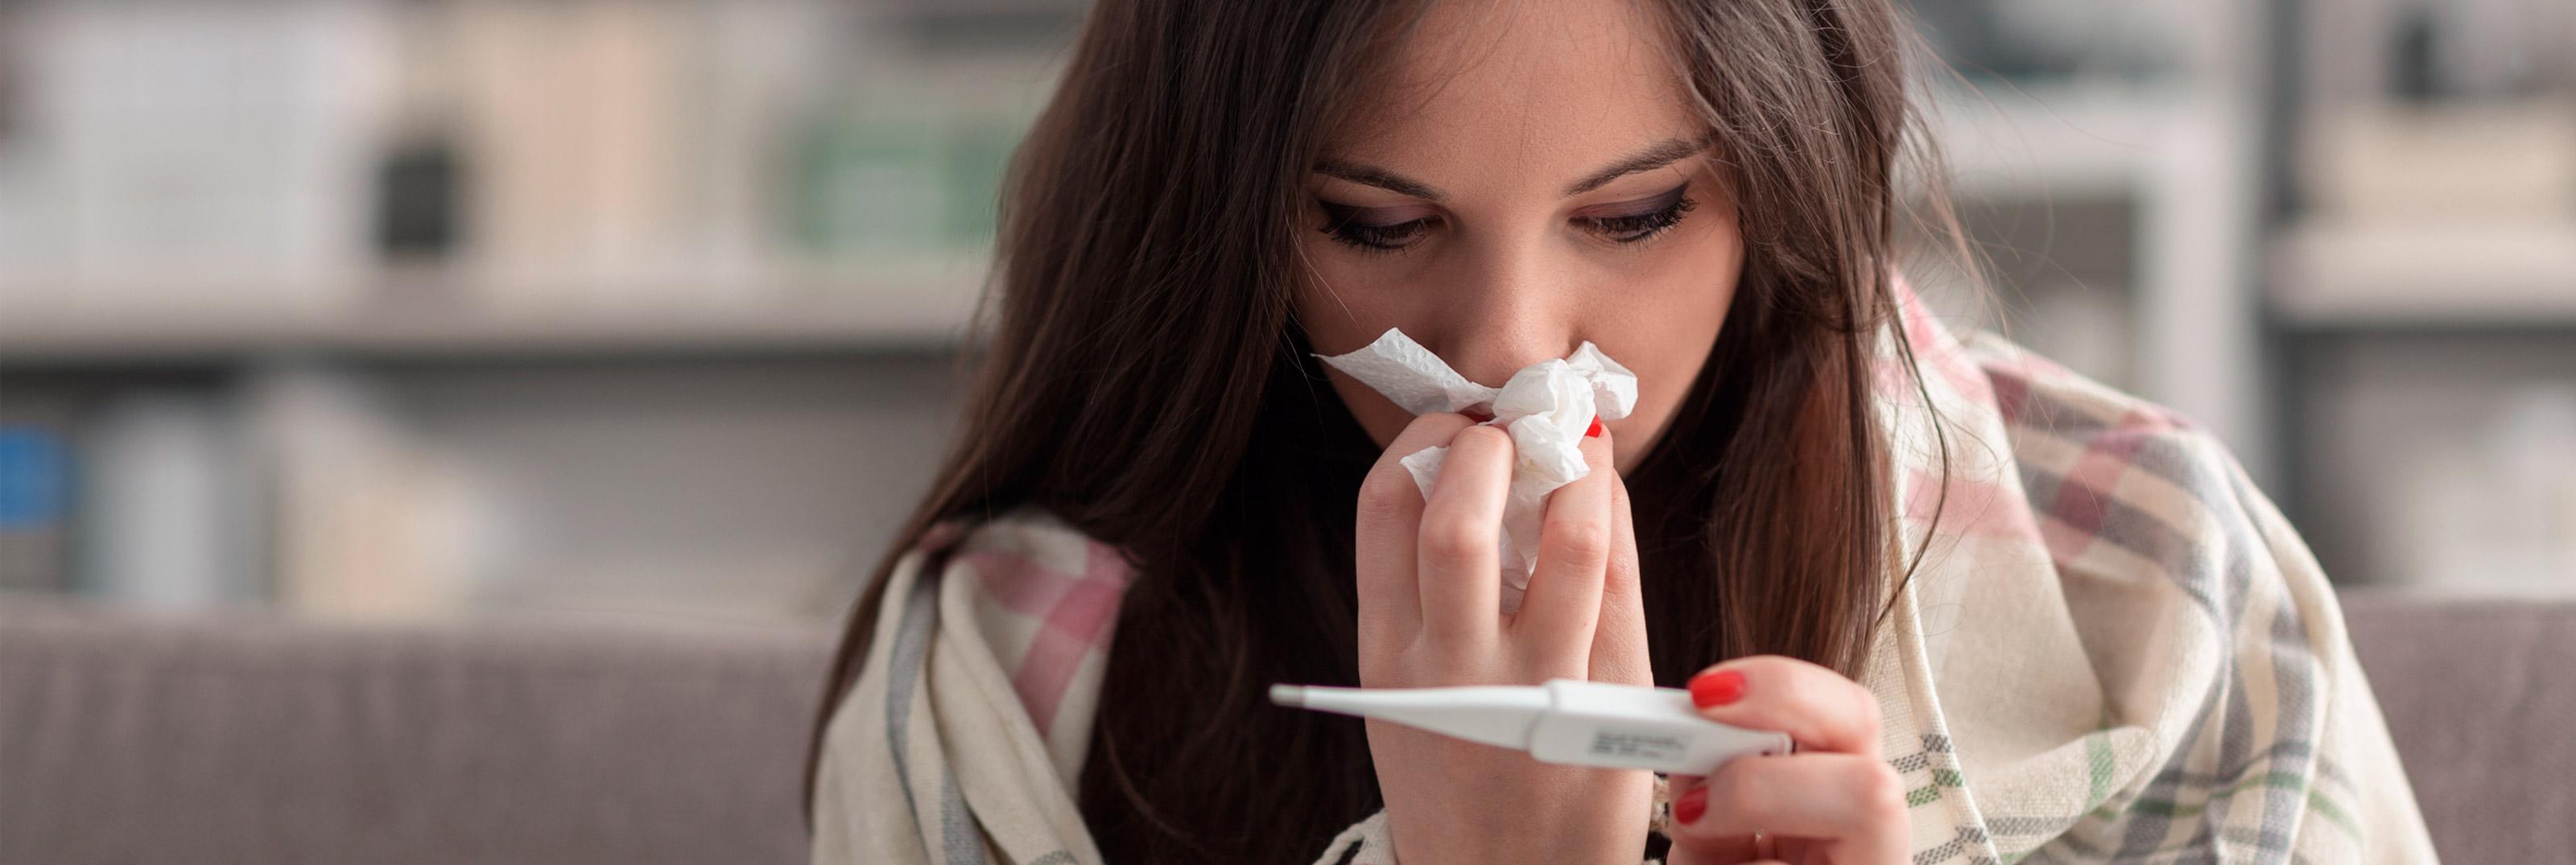 Imagen chica con gripe y resfriado